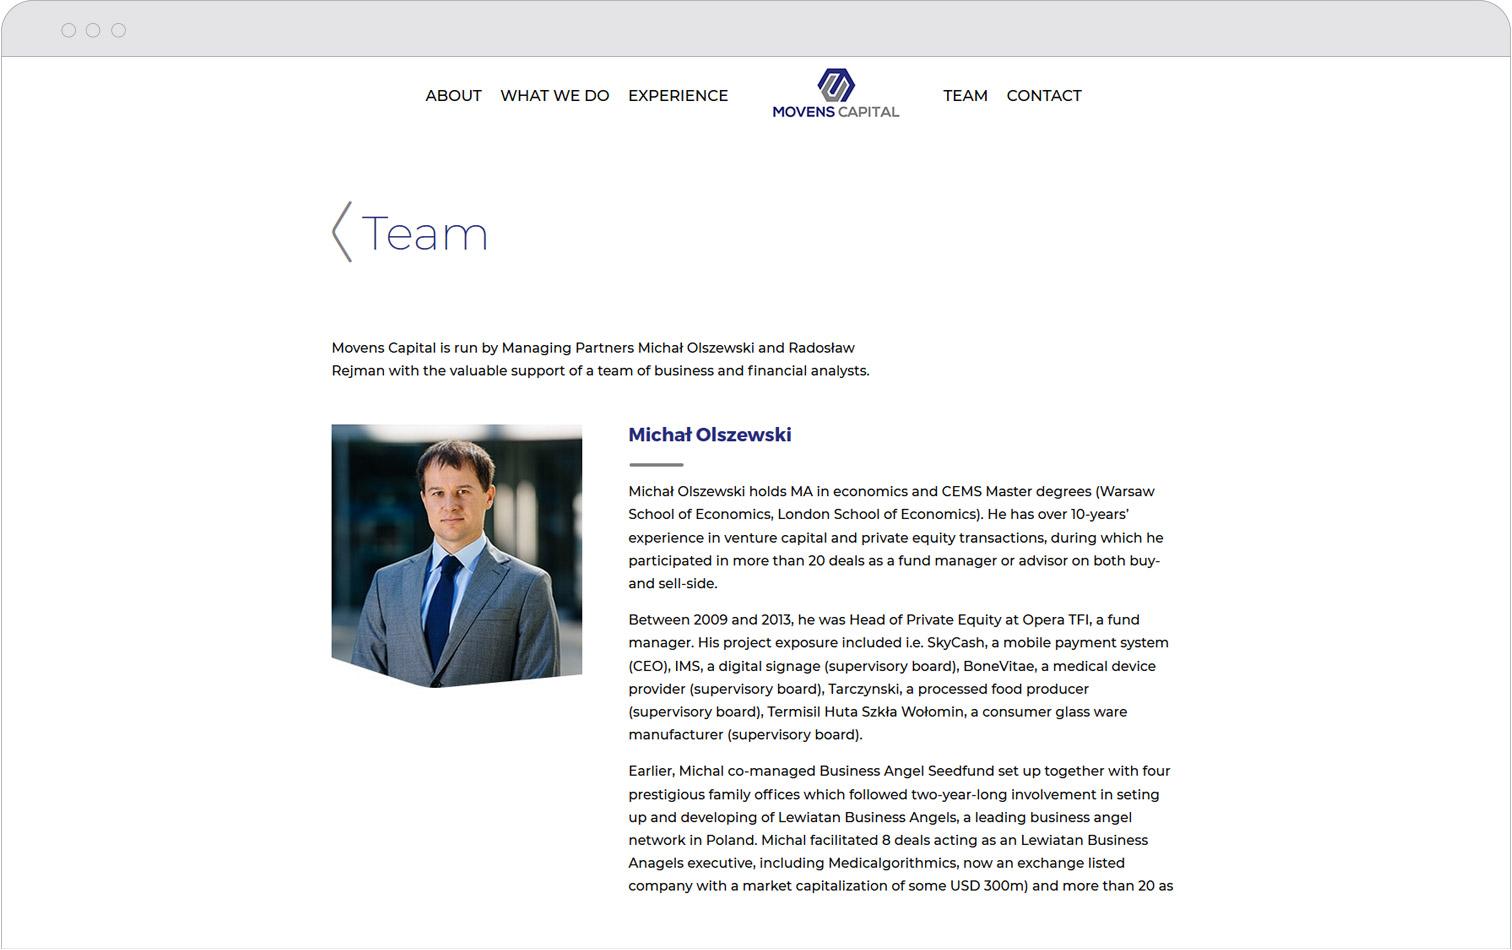 Sekcja Team nastronie internetowej Movens Capital